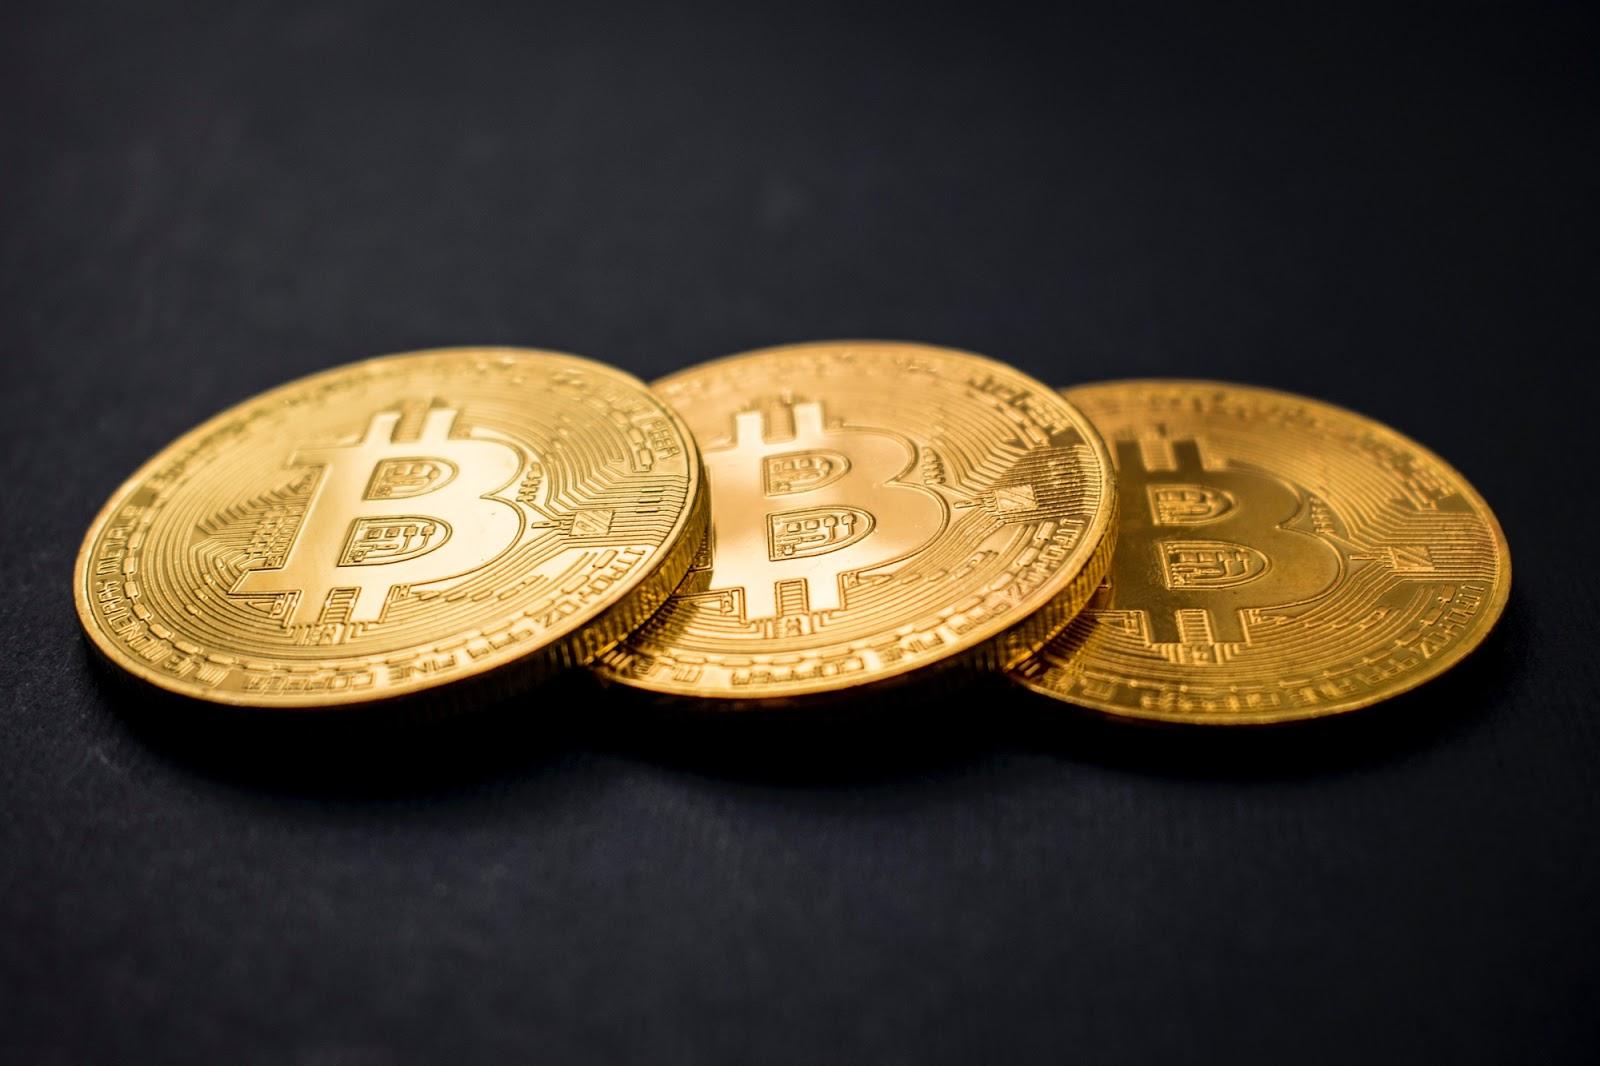 Comprendre le monde de la cryptomonnaie quand on n'y connaît rien